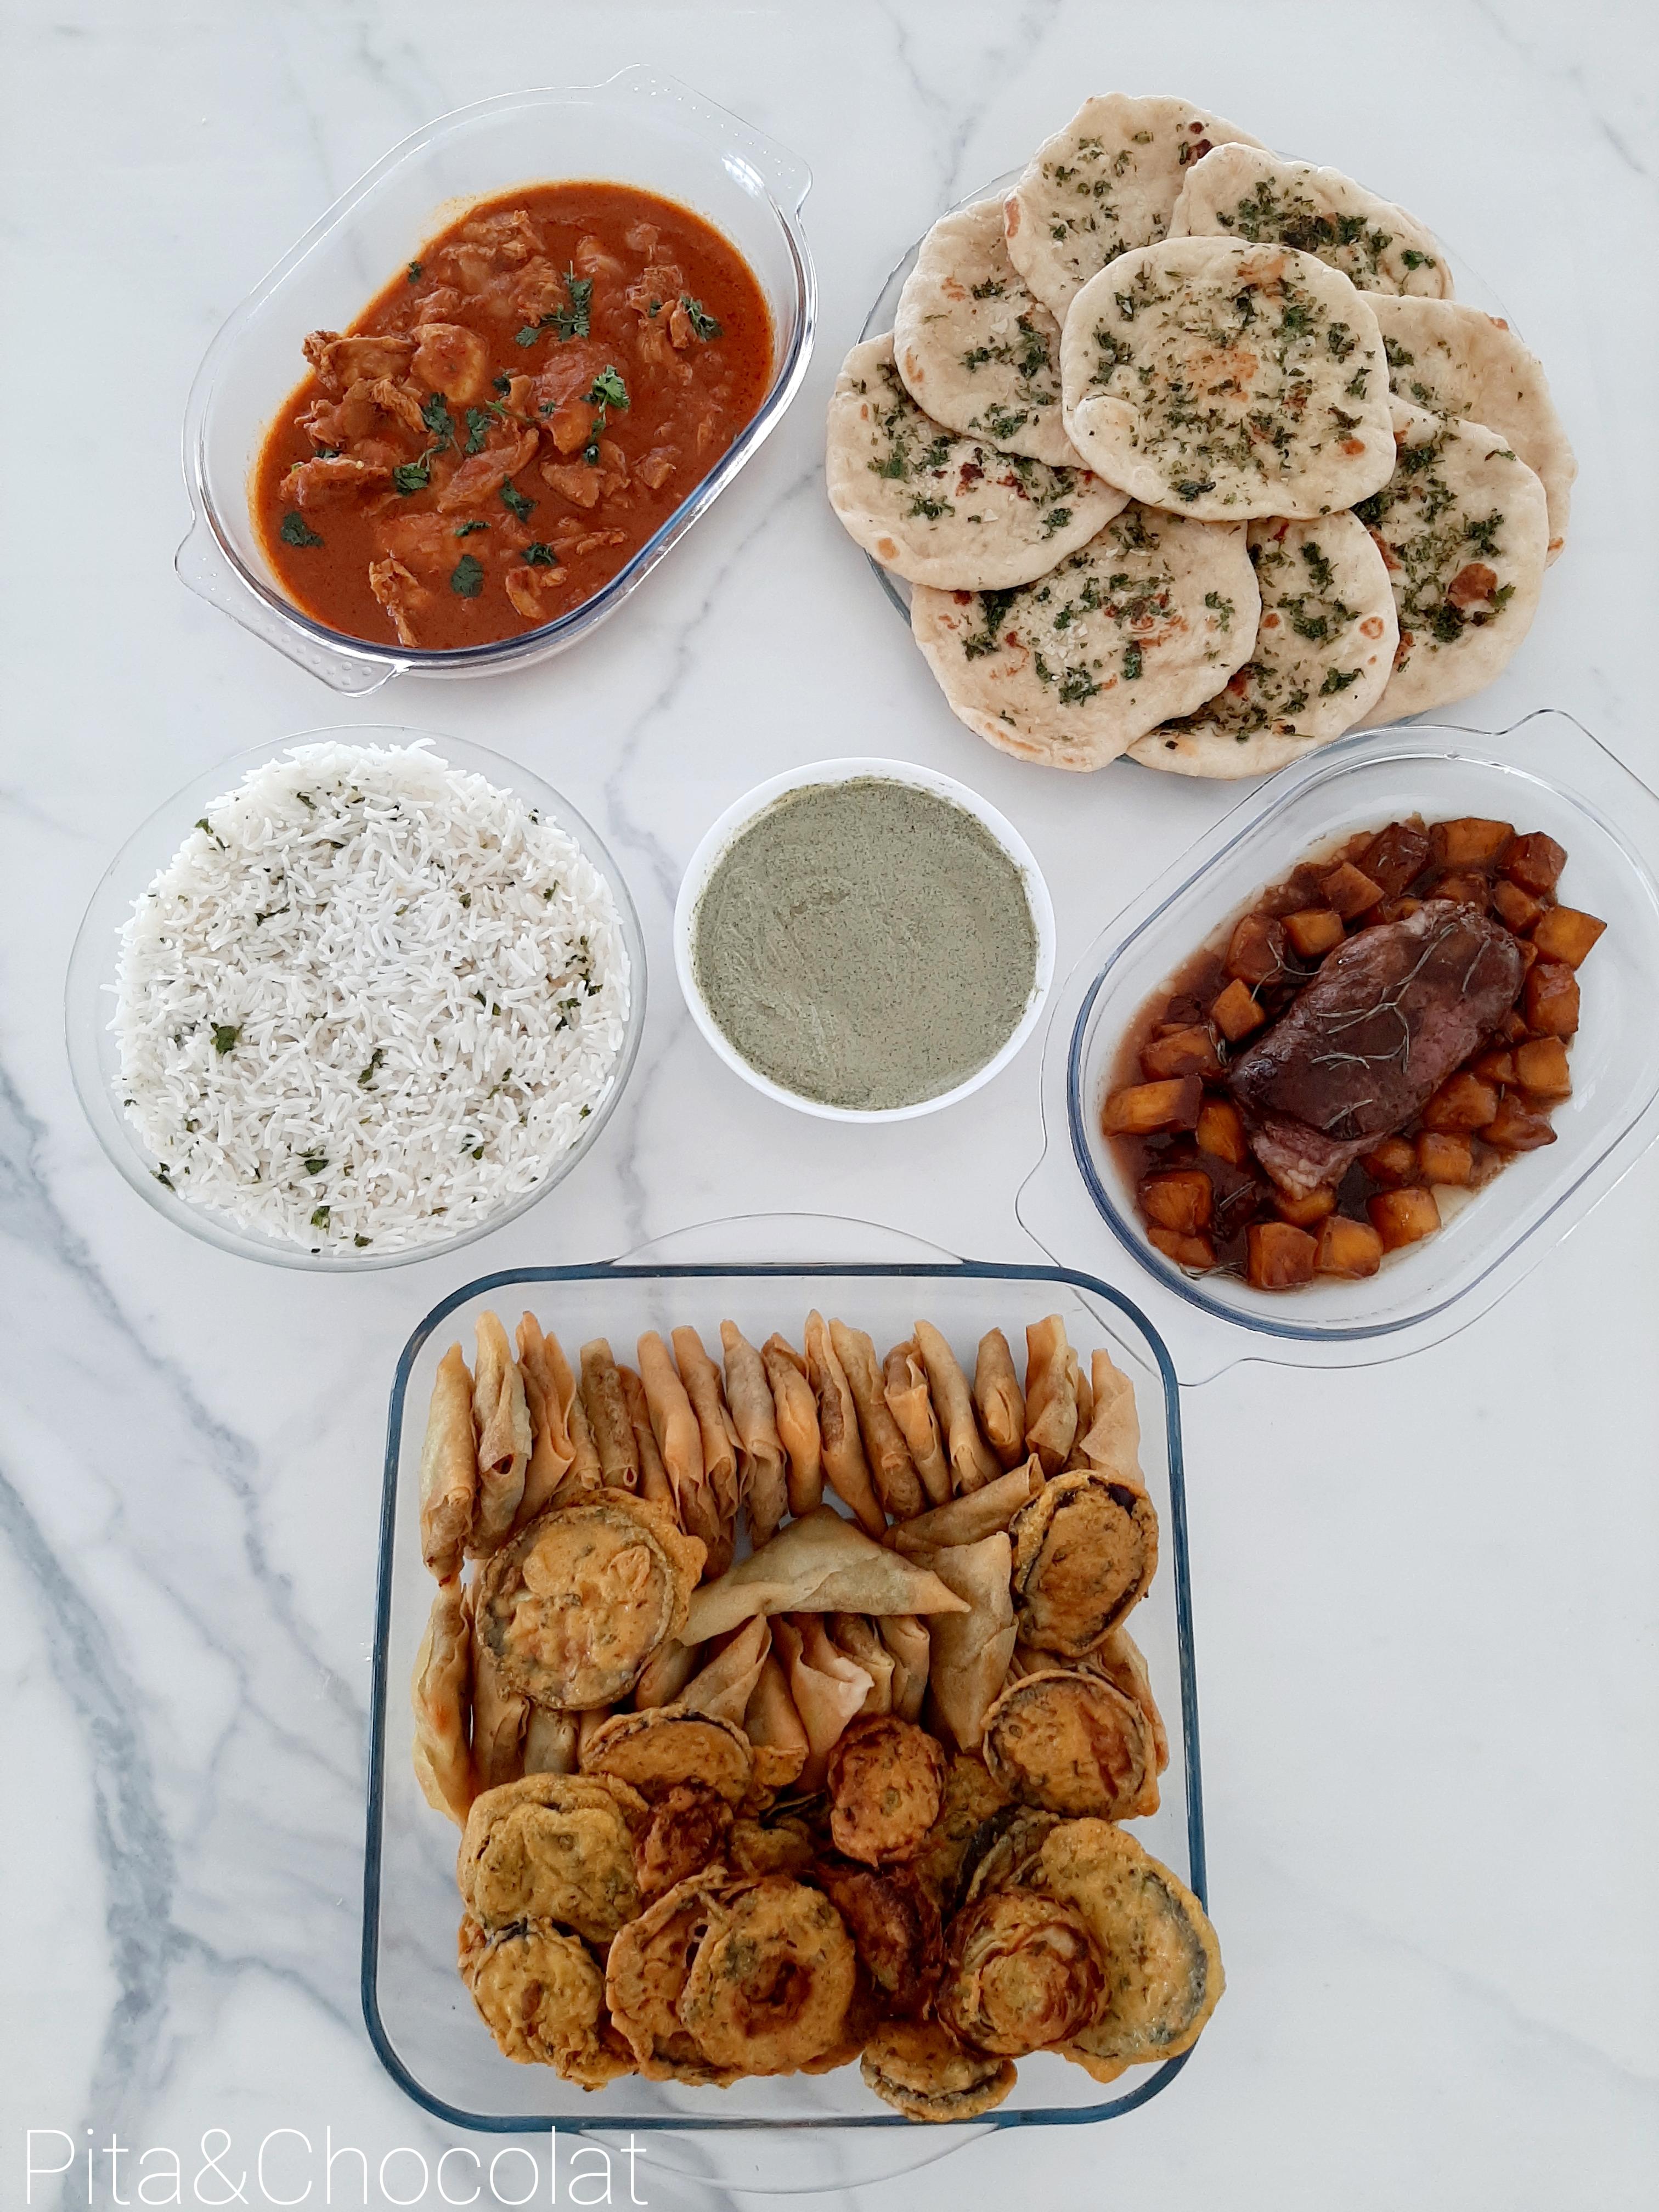 Bollywood party: réaliser un repas indien fait maison